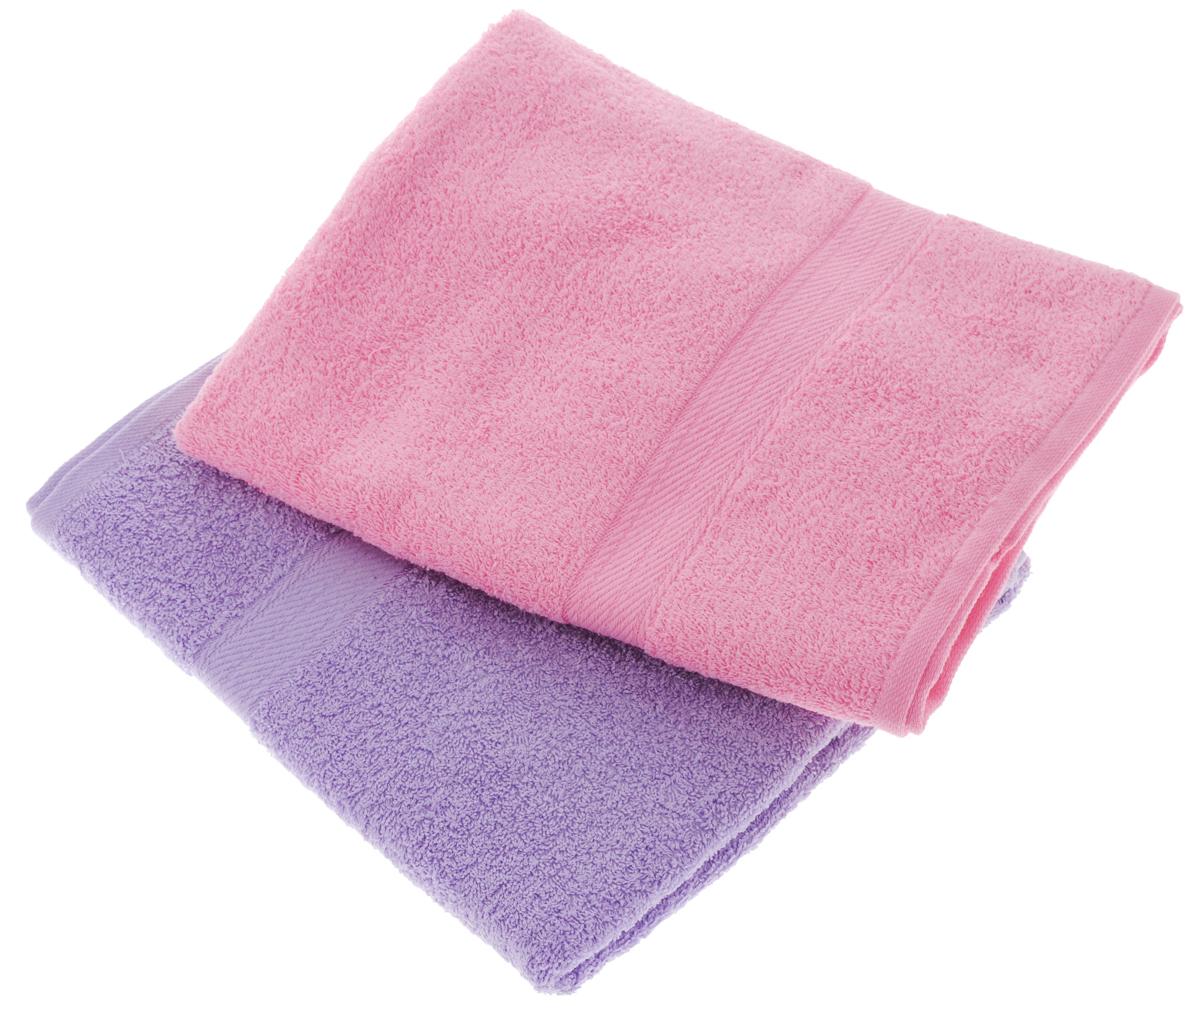 Набор махровых полотенец Aisha Home Textile, цвет: сиреневый, розовый, 70 х 140 см, 2 штУзТ-ПМ-104-05-04Набор Aisha Home Textile состоит из двух махровых полотенец, выполненных из натурального 100% хлопка. Изделия отлично впитывают влагу, быстро сохнут, сохраняют яркость цвета и не теряют формы даже после многократных стирок. Полотенца Aisha Home Textile очень практичны и неприхотливы в уходе. Комплектация: 2 шт.